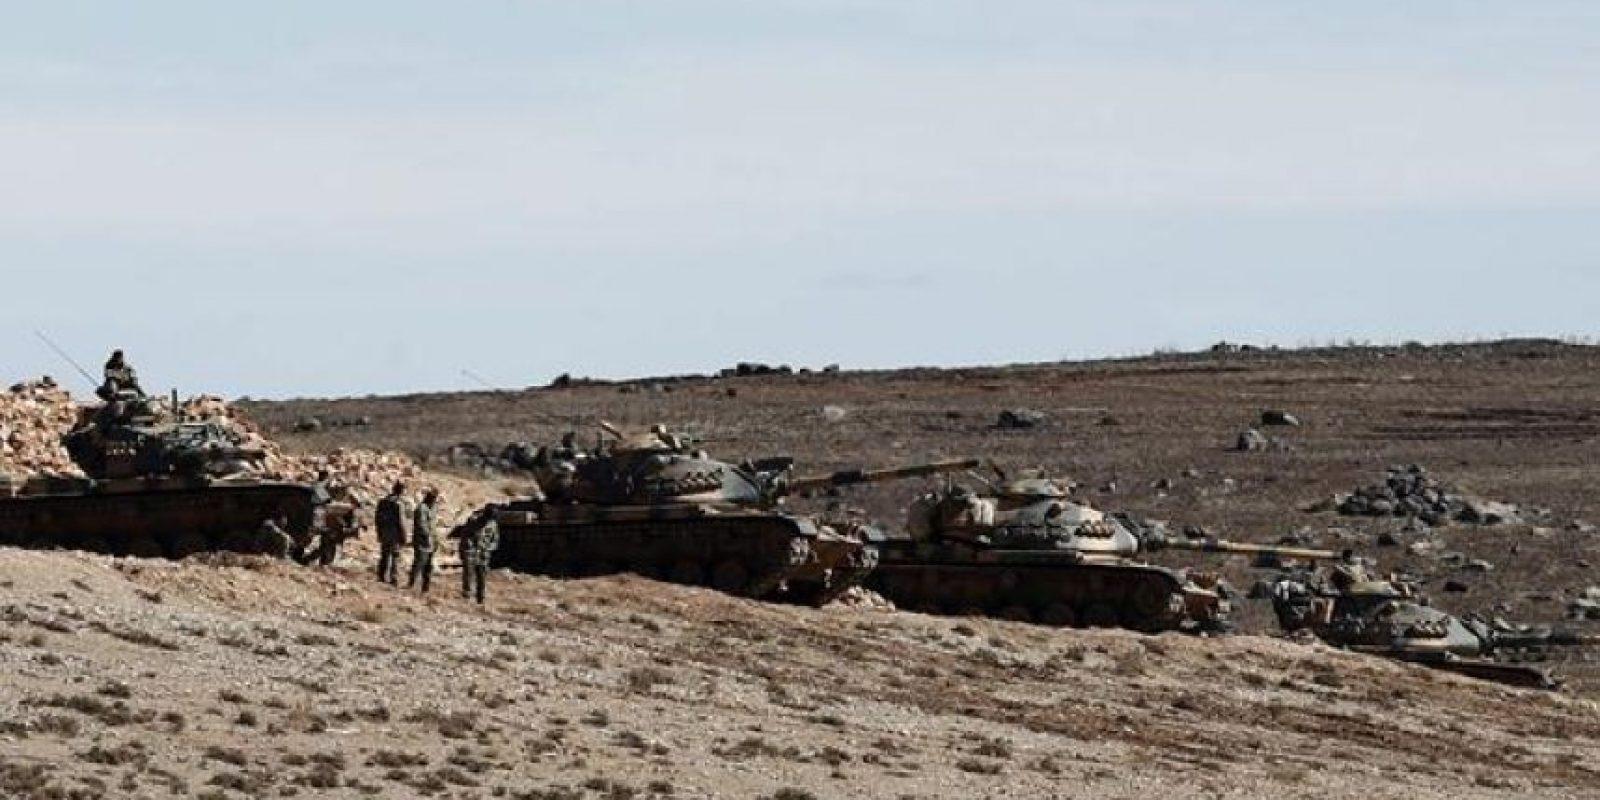 Tanques turcos toman posiciones en una colina en Sanliurfa, Turquía, hoy, lunes 20 de octure de 2014, mientras continúa el enfrentamiento entre milicias kurdo sirias y militantes del grupo yihadista Estado Islámico (EI) en la ciudad kurdo siria de Kobani. EFE